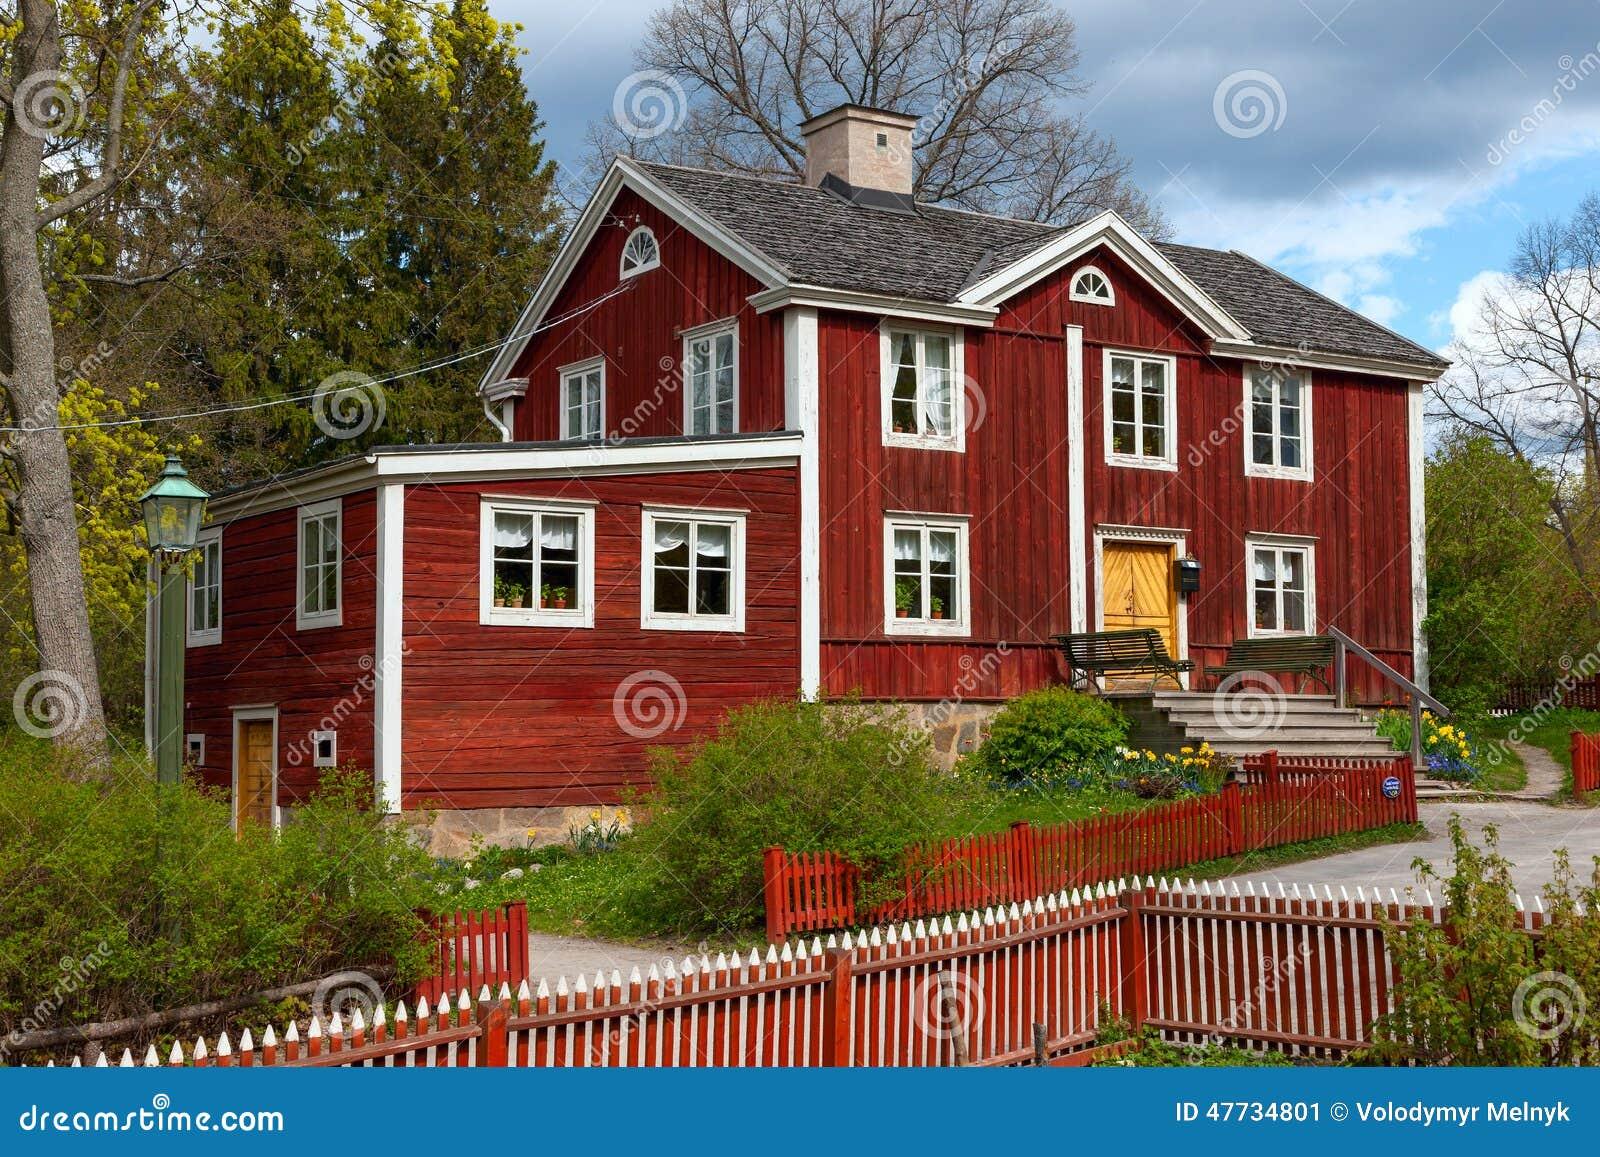 Maison en bois su doise typique stockholm photo stock for Maison suedoise en bois